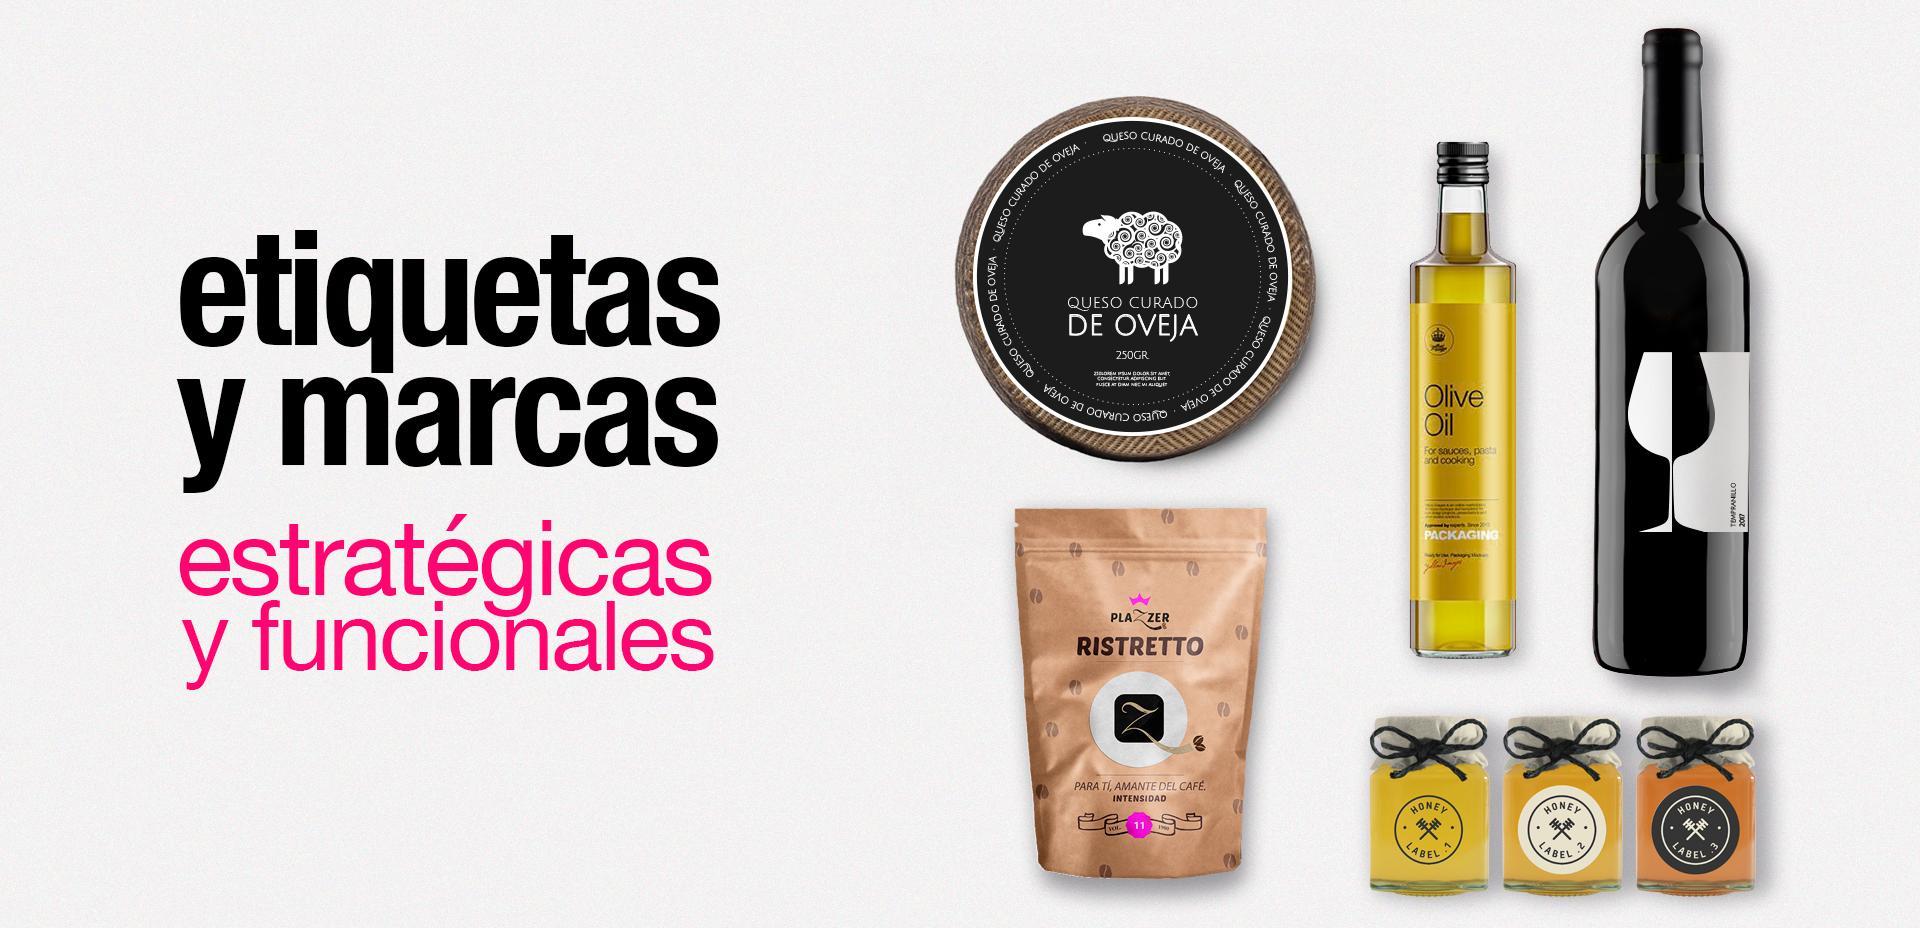 Diseño de etiquetas y marcas, estudio de diseño gráfico especialista en etiquetas de productos y marcas